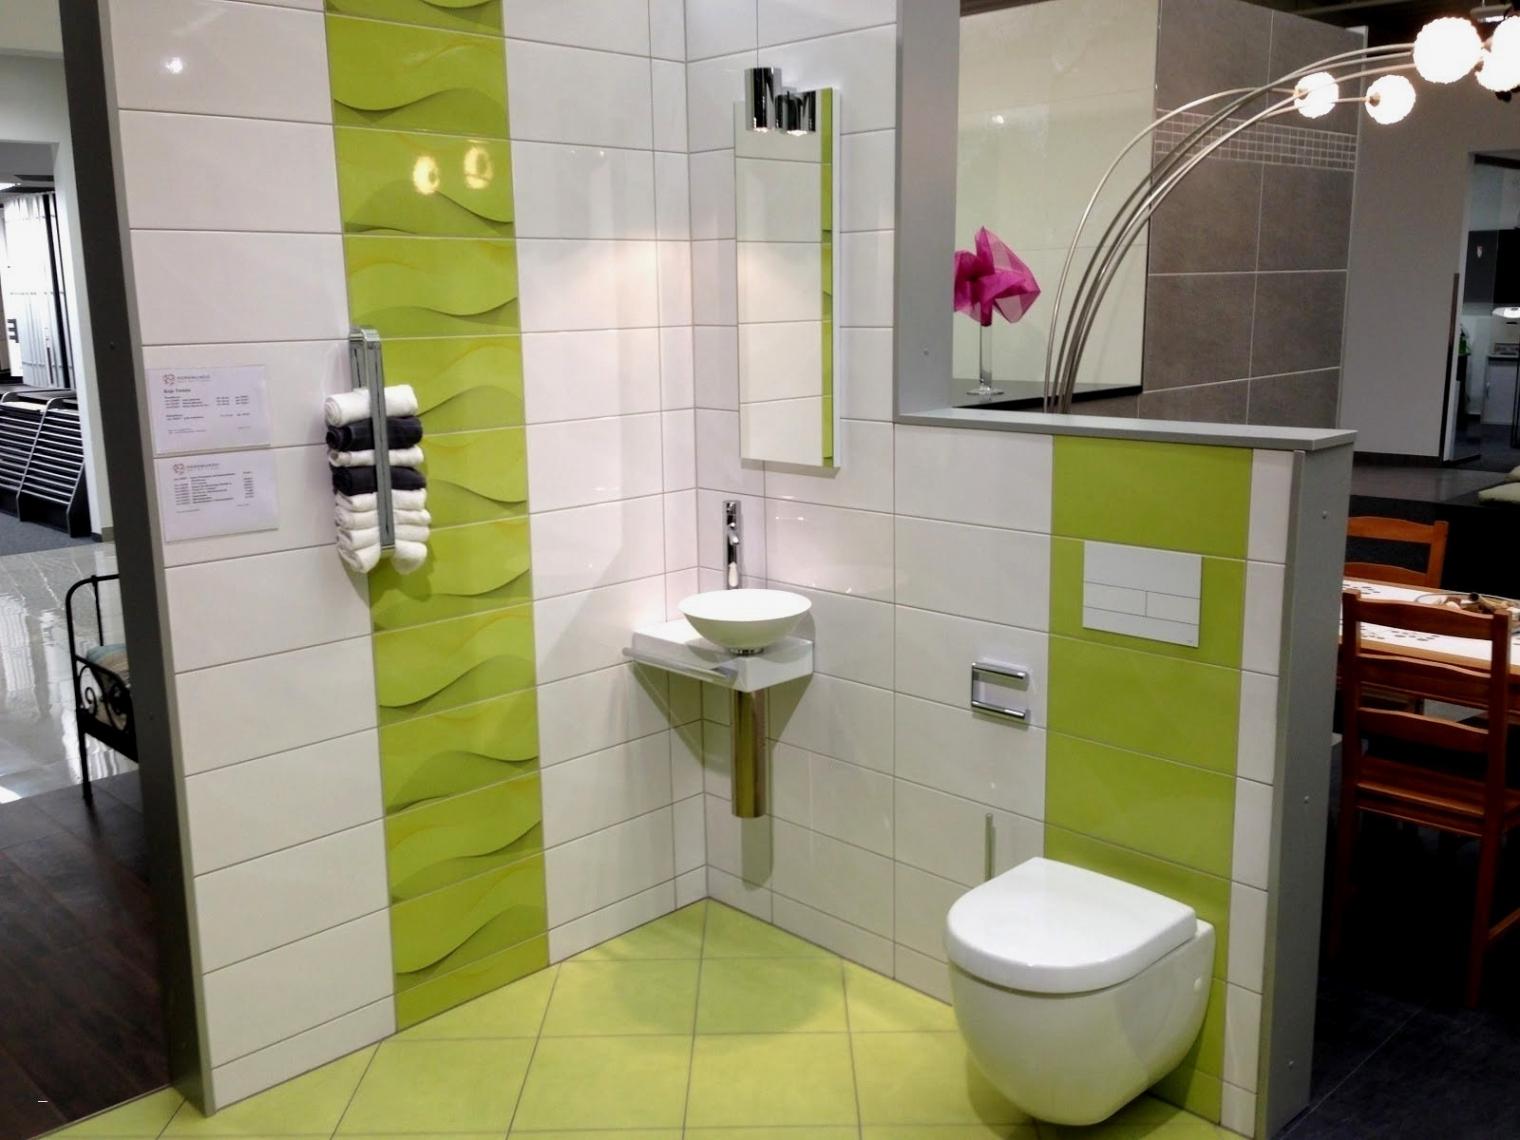 deko ideen orange schon badezimmer inspiration neu karten aus holz bad mit holz bad mit holz